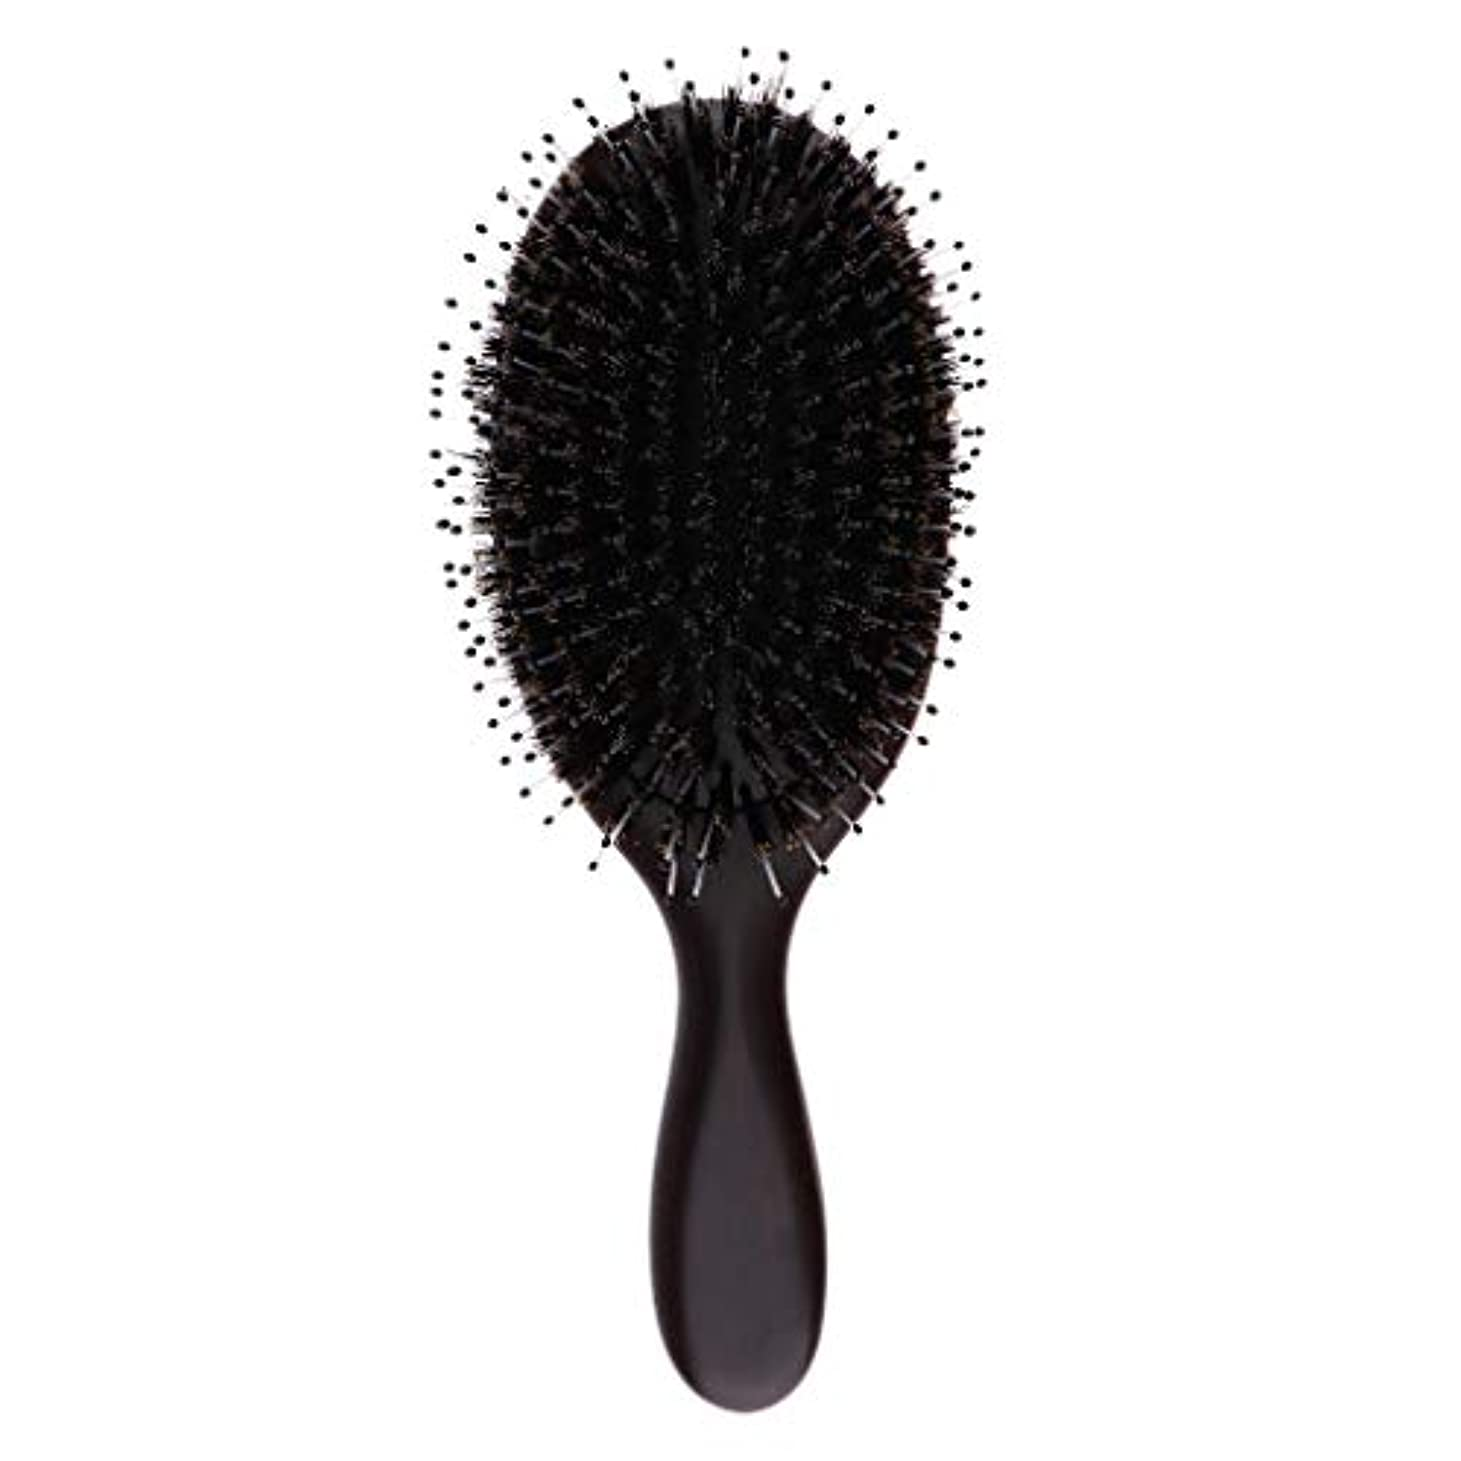 気を散らす香港限られたヘアブラシ ヘアケア 木製 頭皮 マッサージ 艶髪 木製櫛 美髪ケア 全3サイズ - 大